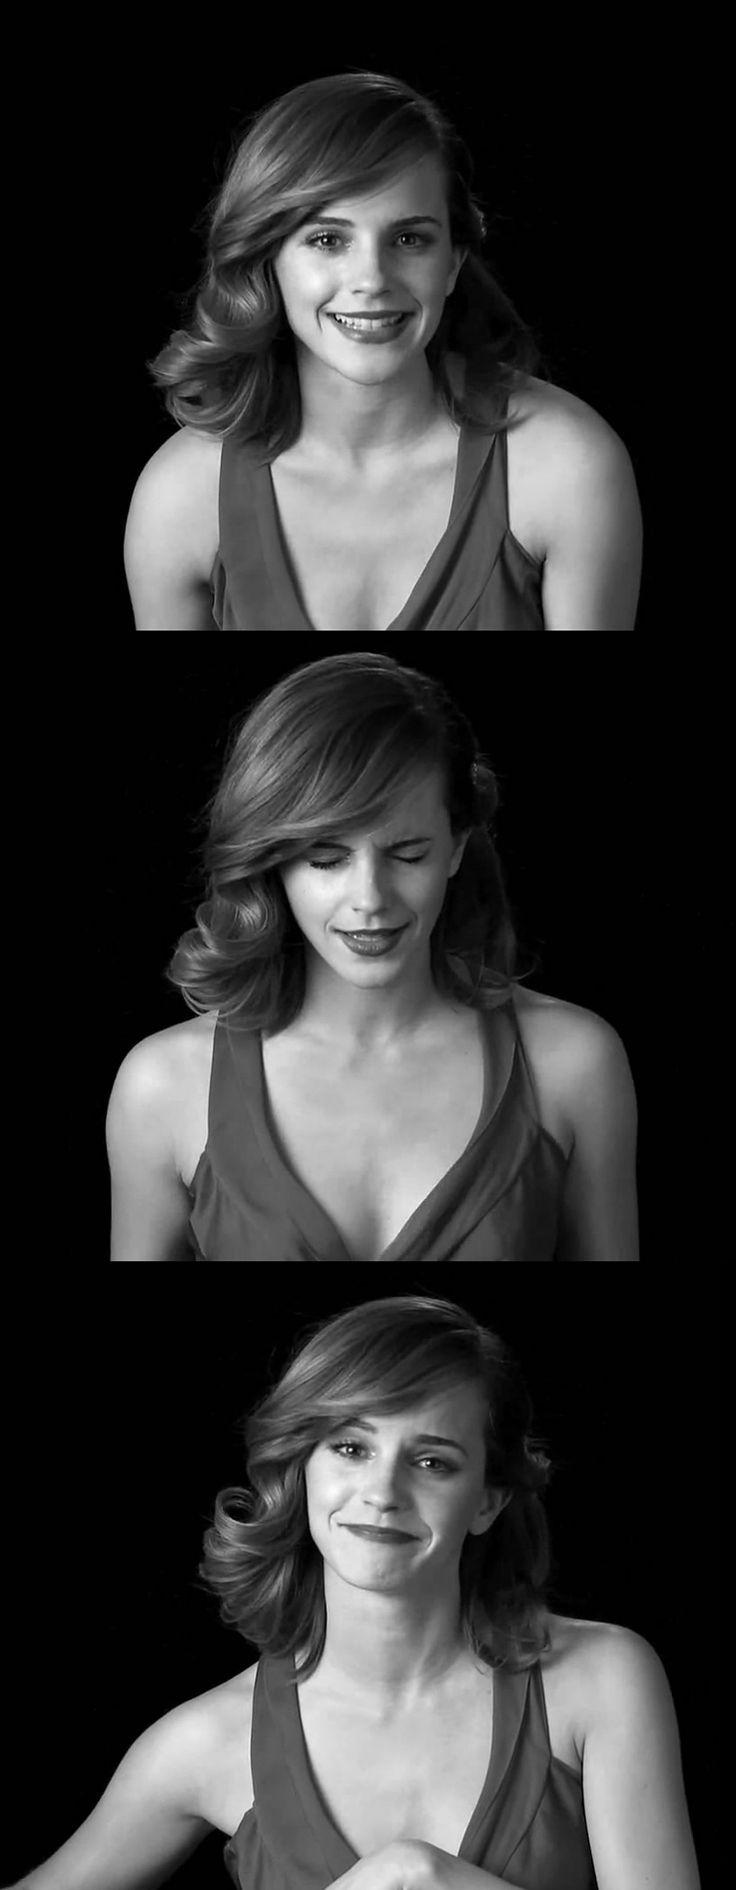 Best images about Emma Watson on Pinterest Emma watson elle